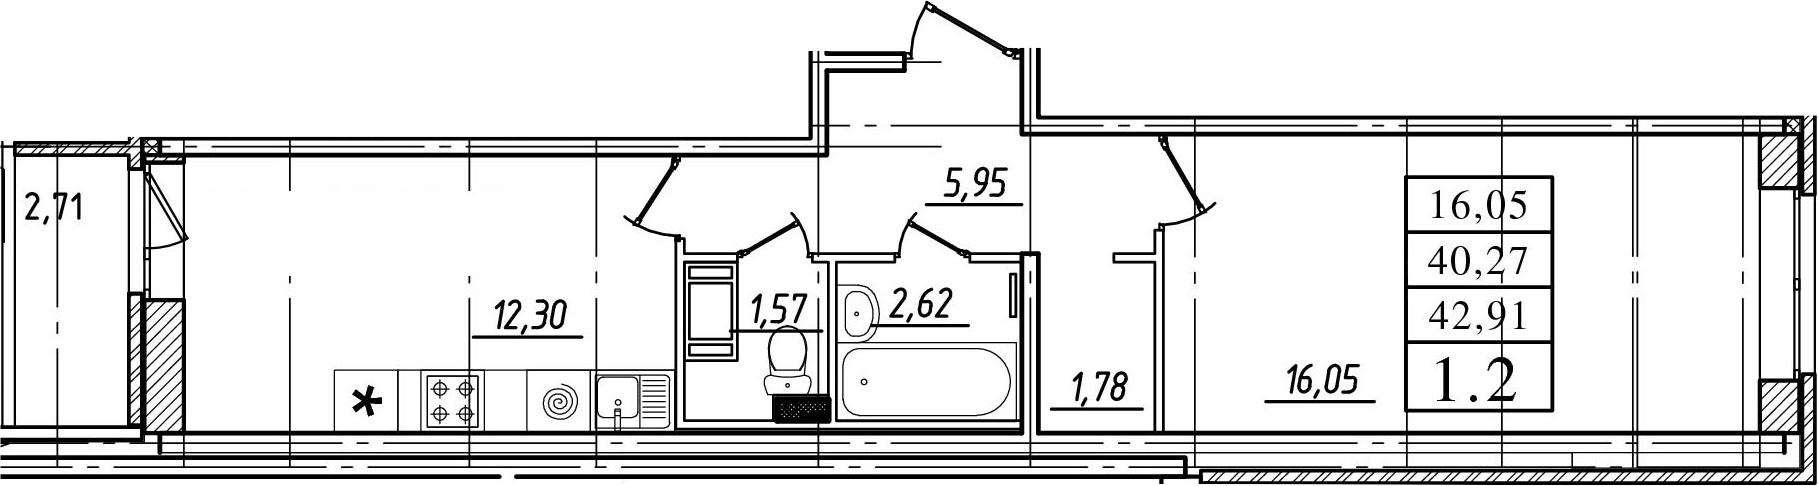 1-к.кв, 40.27 м², 14 этаж